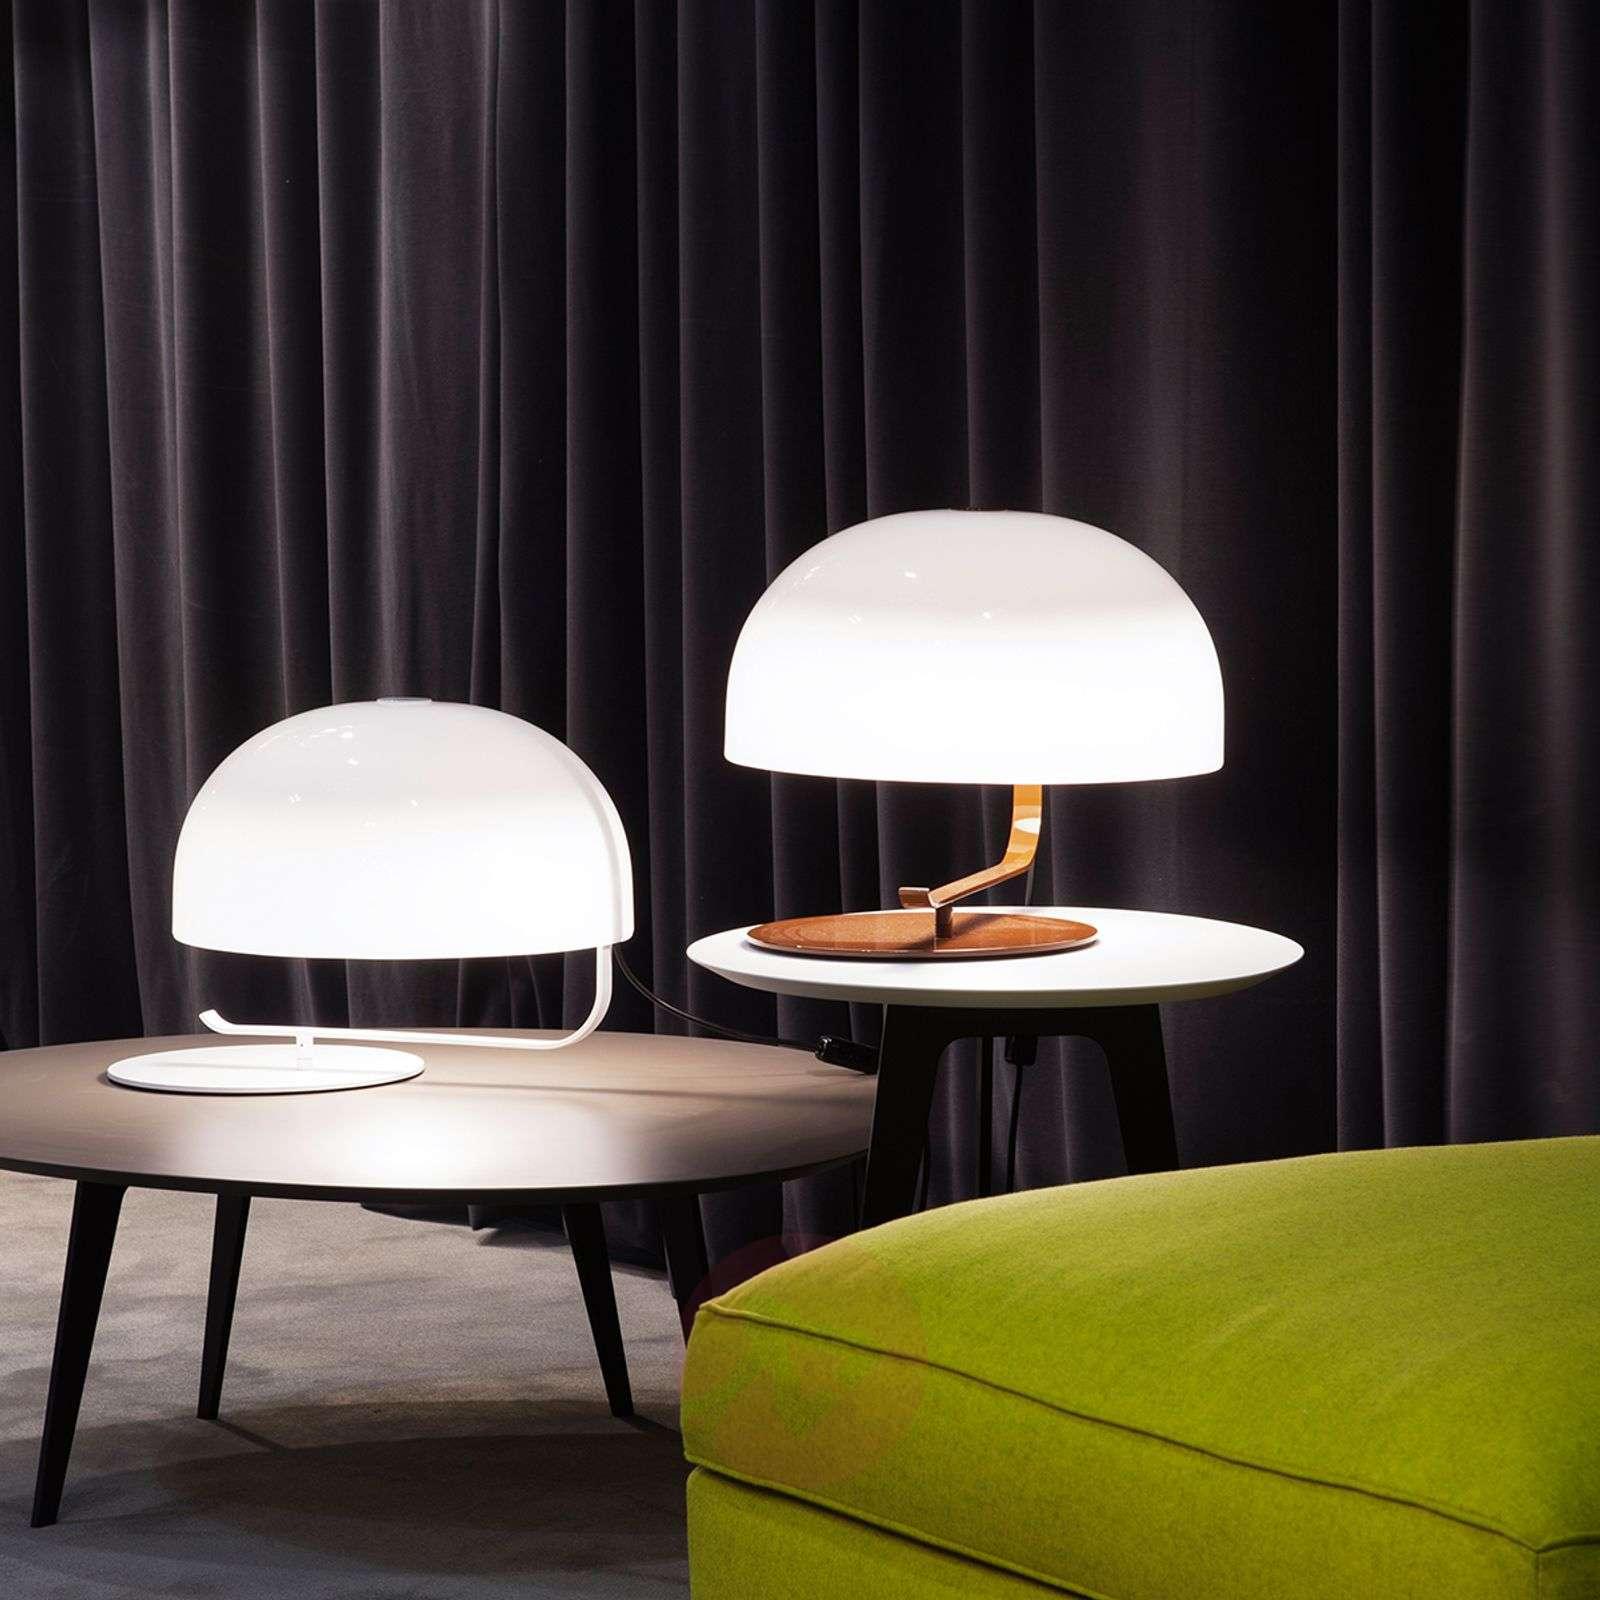 Retro designer table lamp Zanuso in white-7265079-01